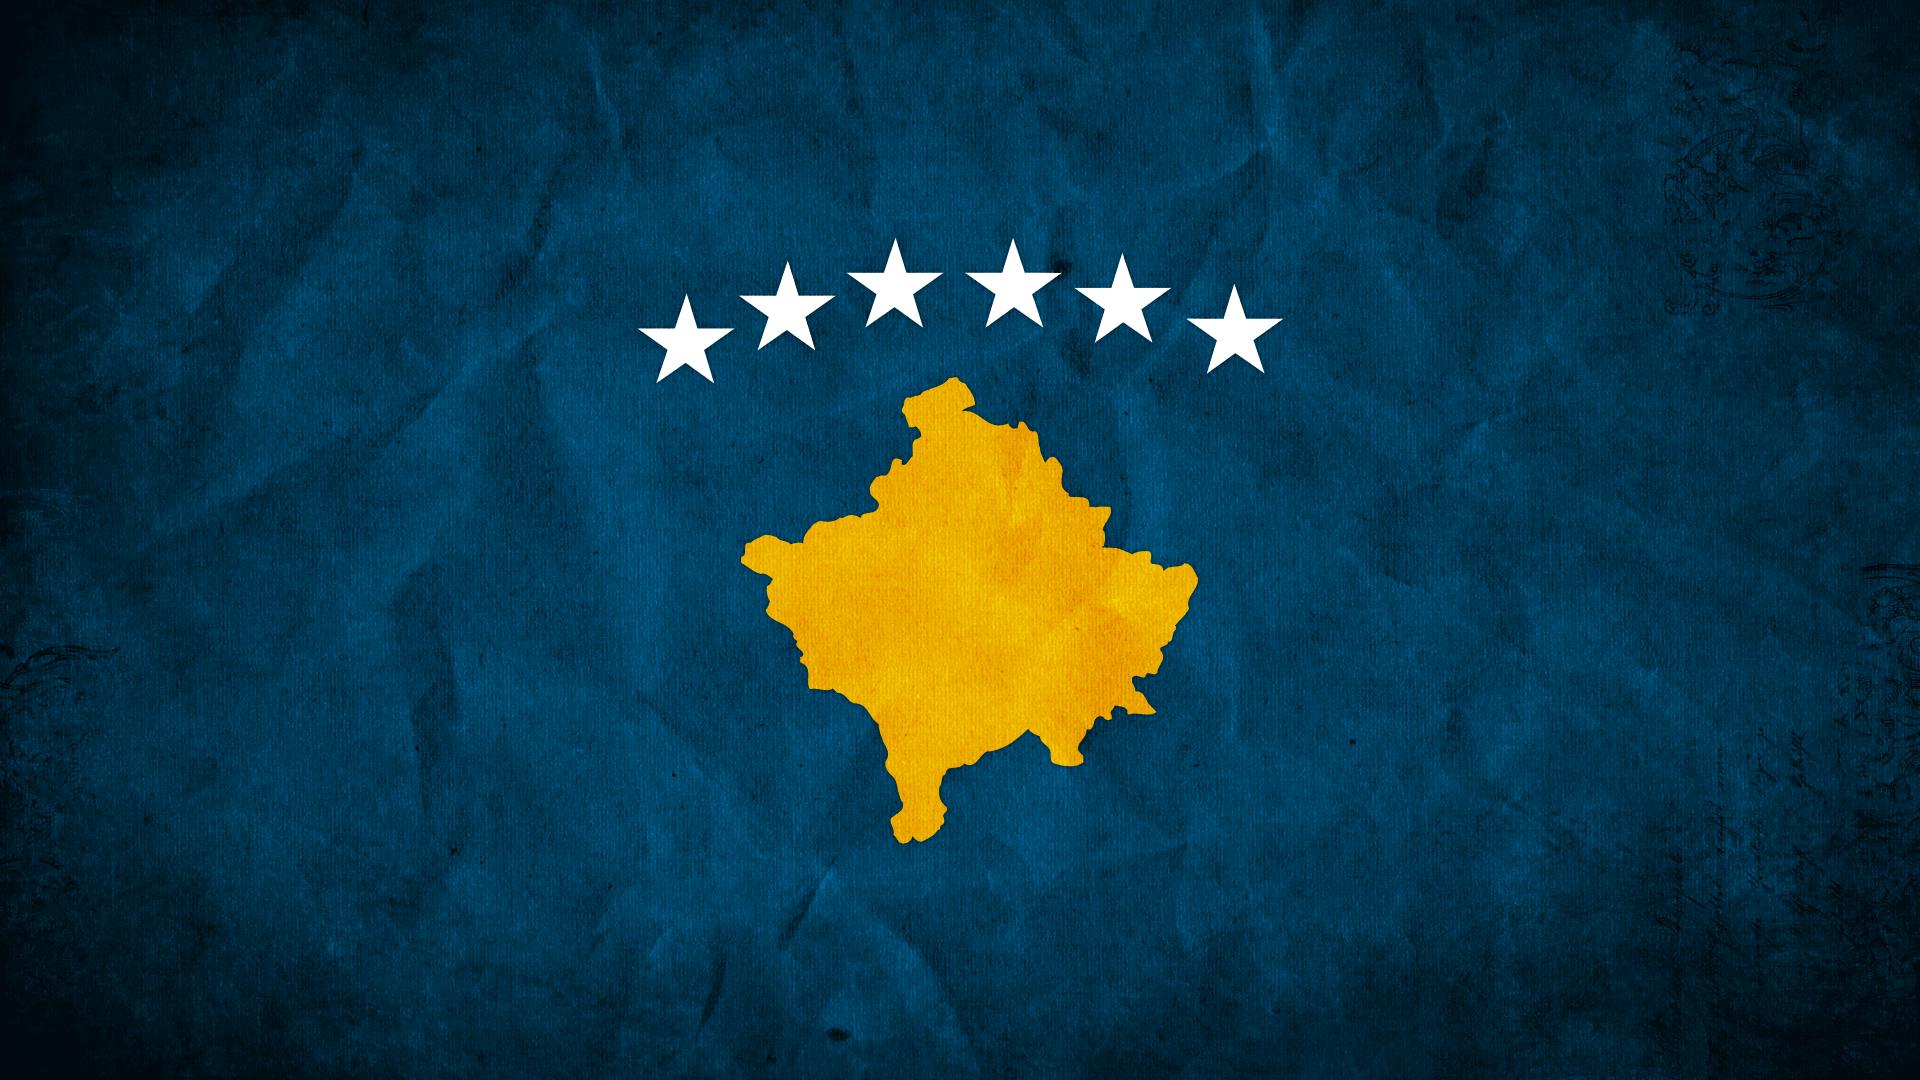 flag desktop background - photo #23